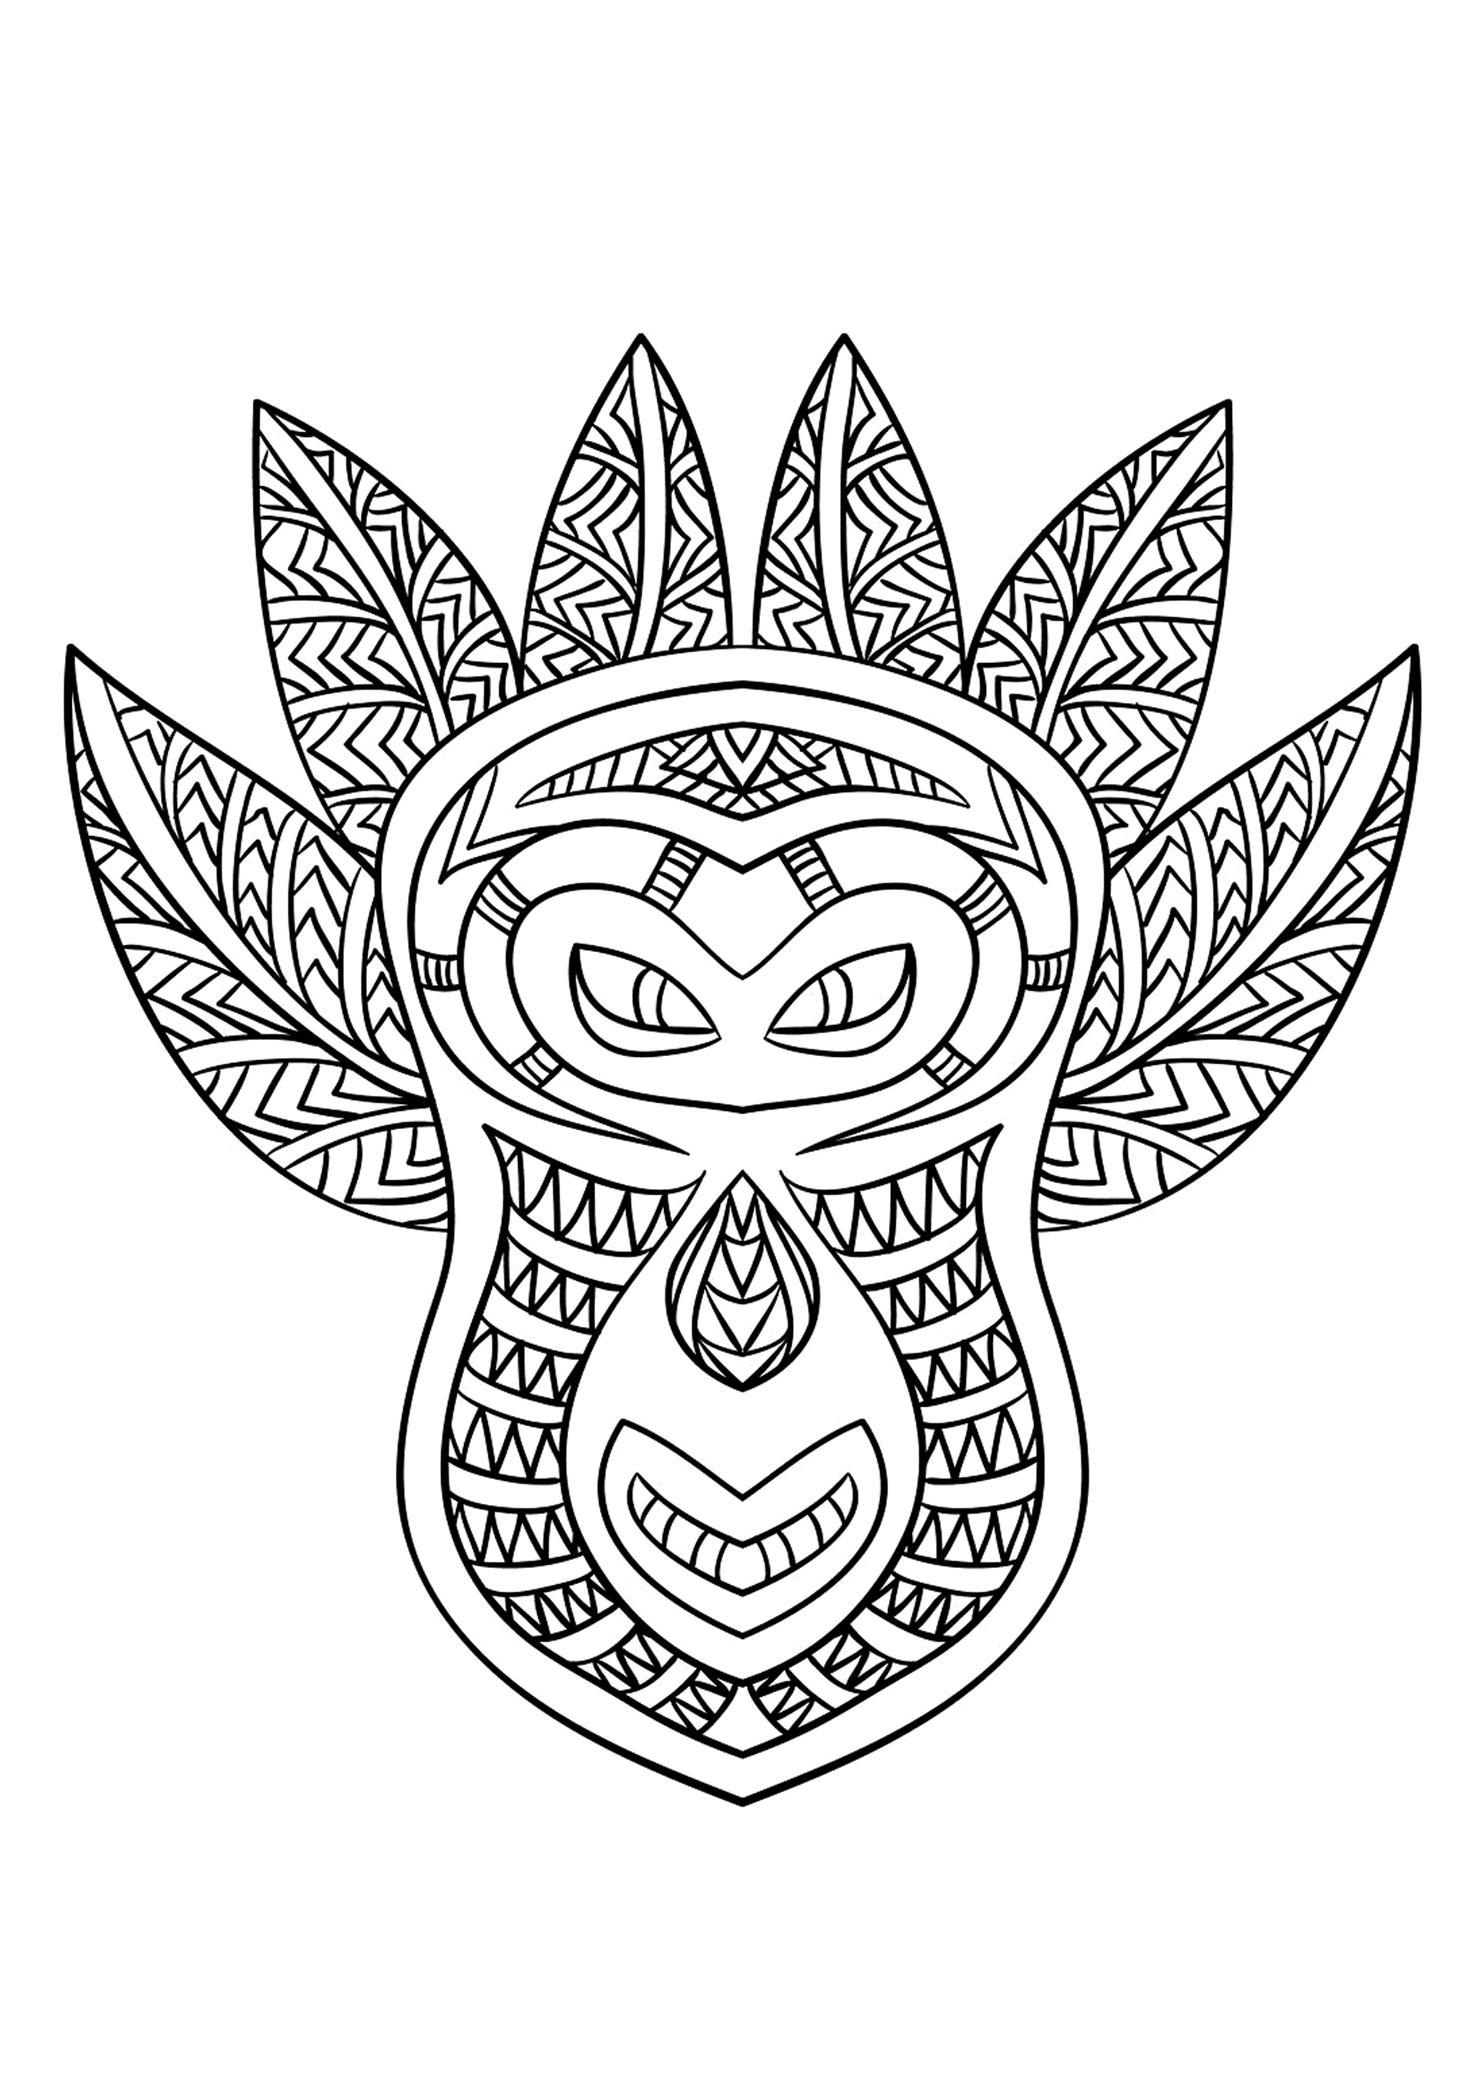 Masque africain 6 afrique coloriages difficiles pour adultes - Coloriage afrique a imprimer ...